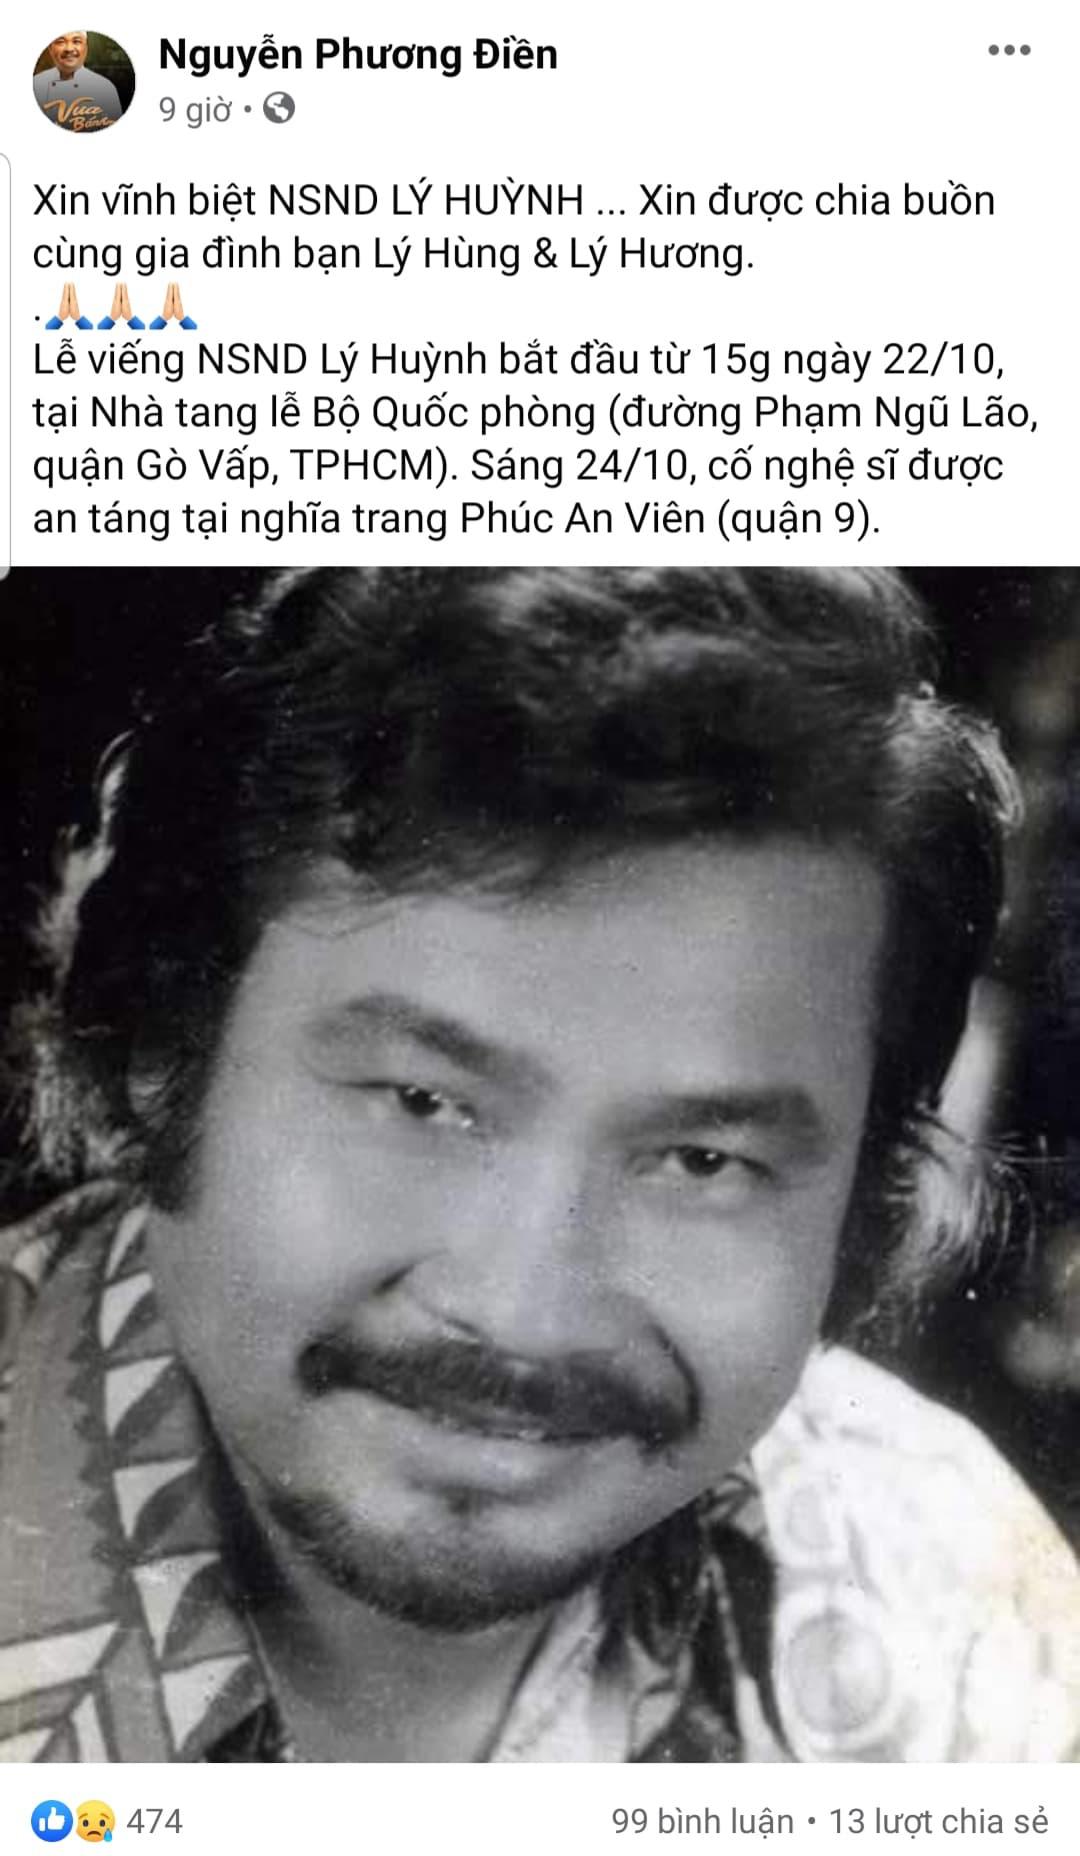 Các nghệ sỹ tiếc thương trước sự ra đi của NSND Lý Huỳnh - Ảnh 2.